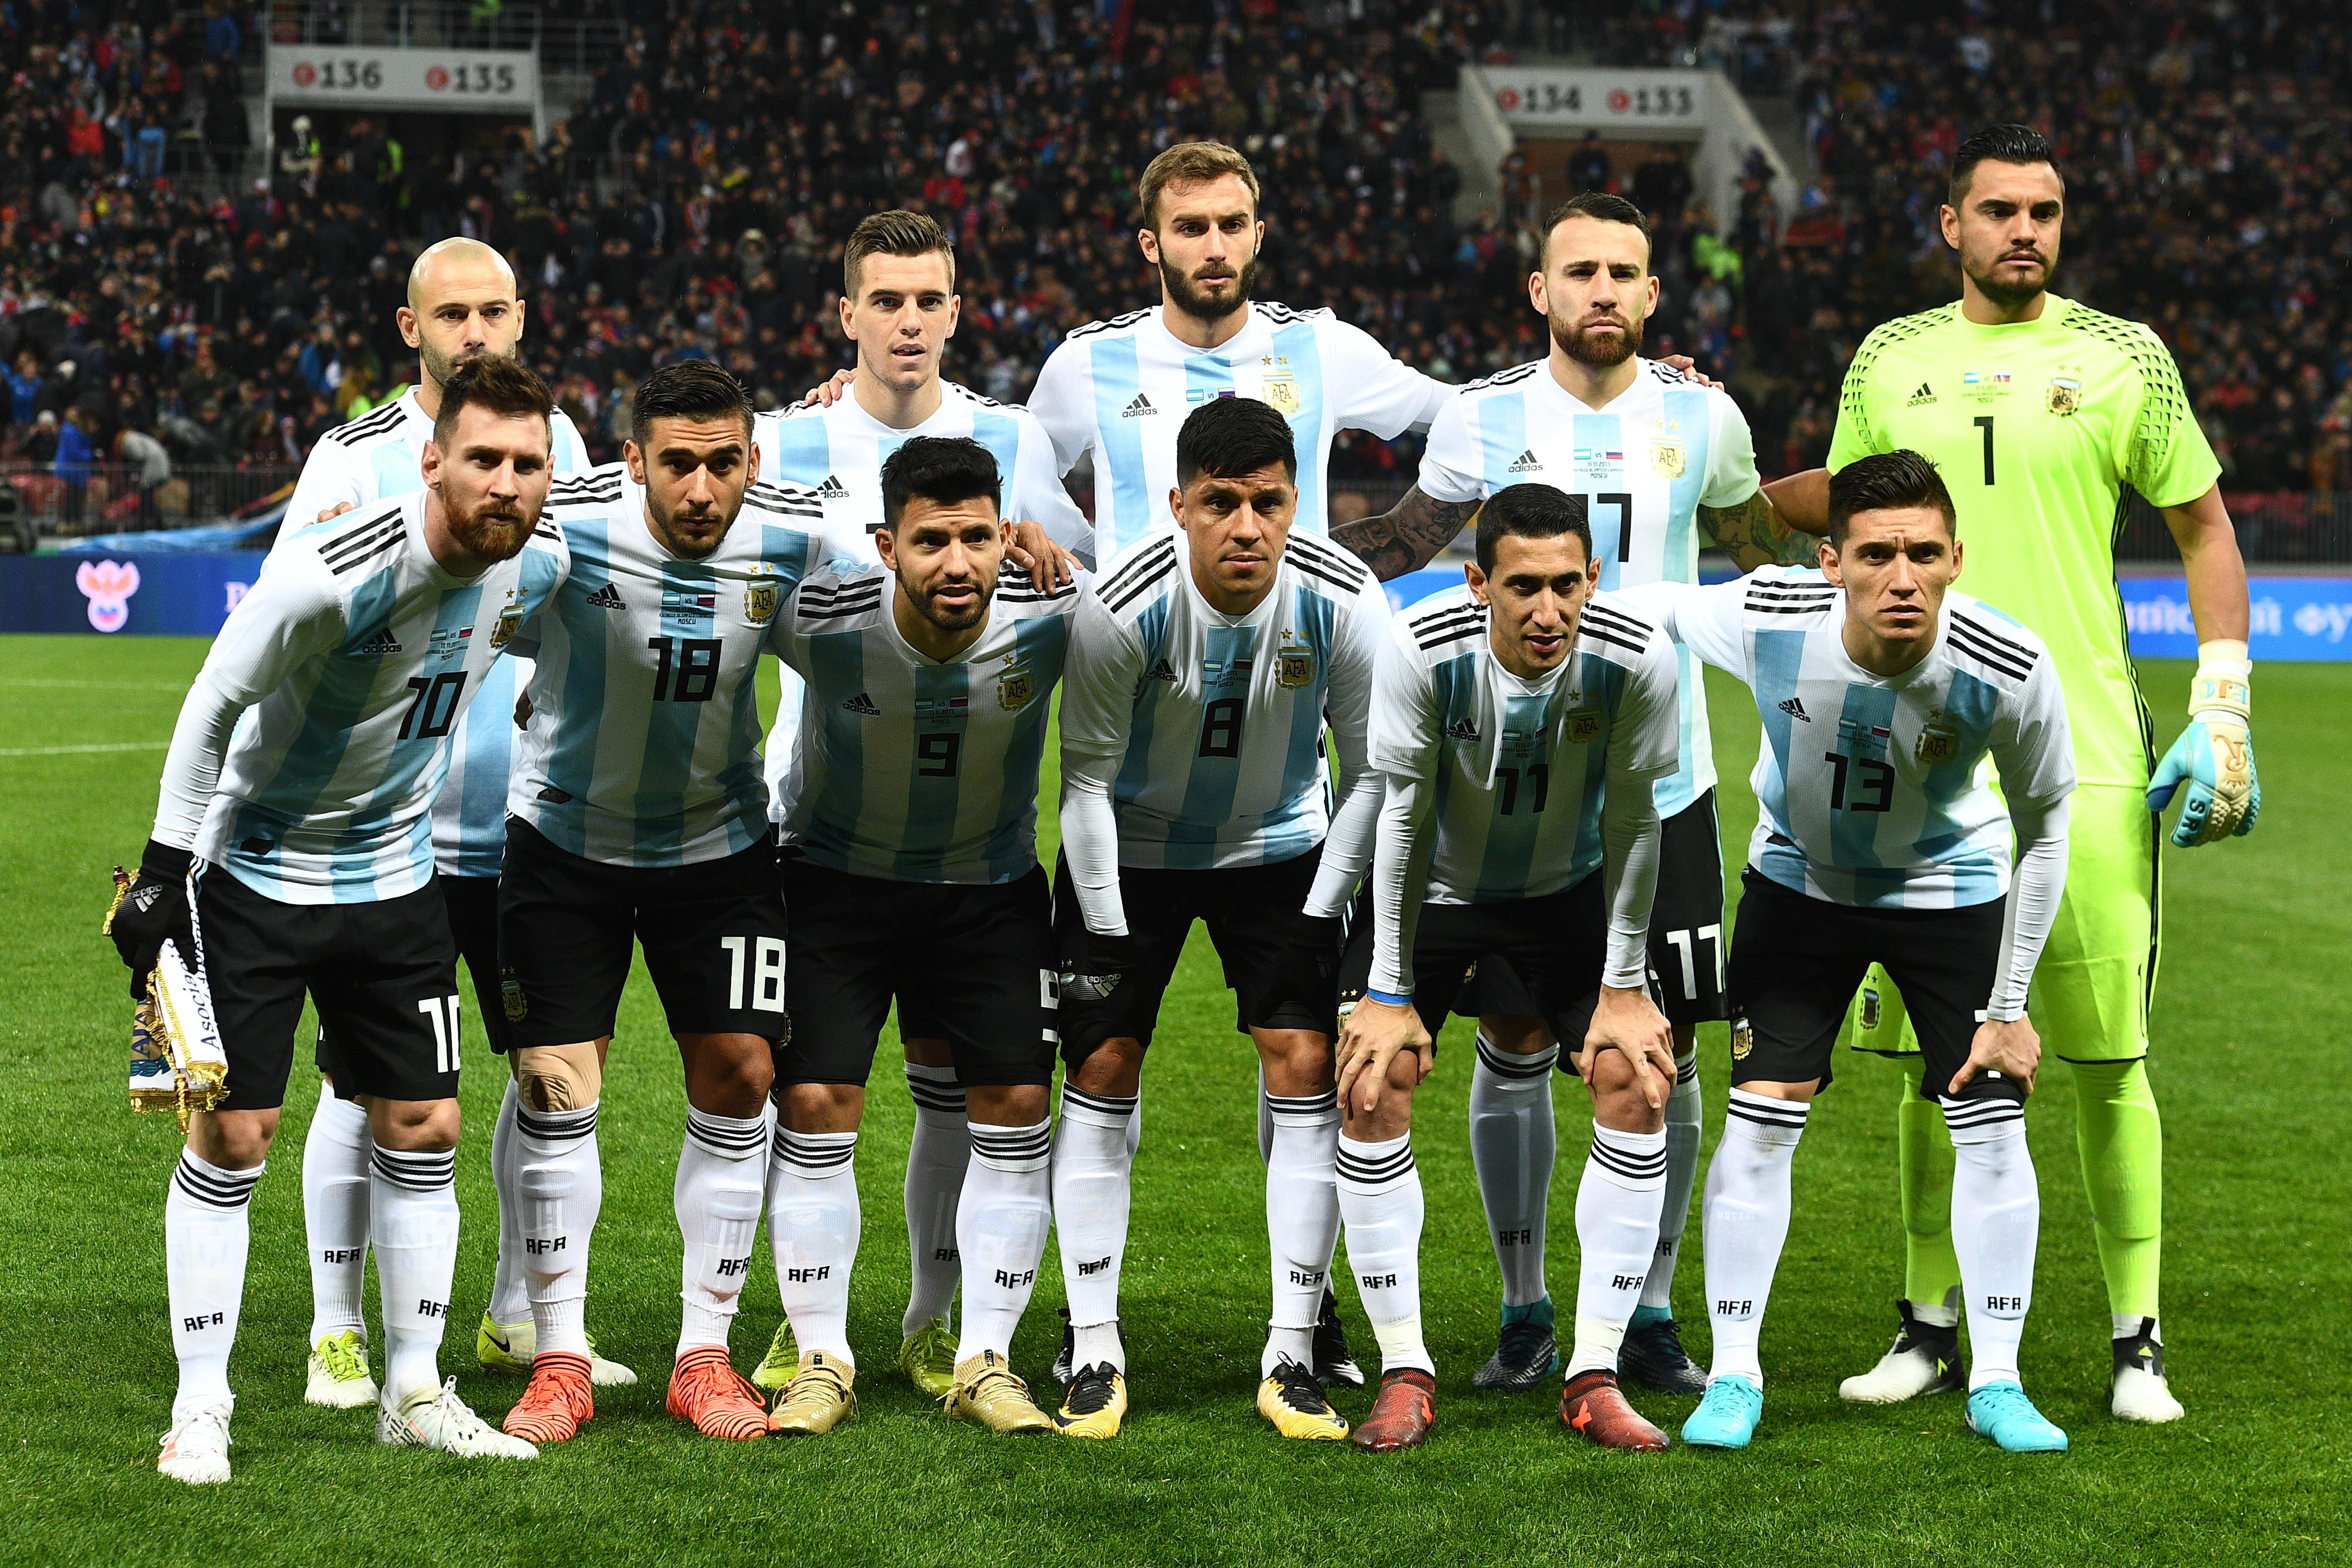 этот фото аргентина завтра одет